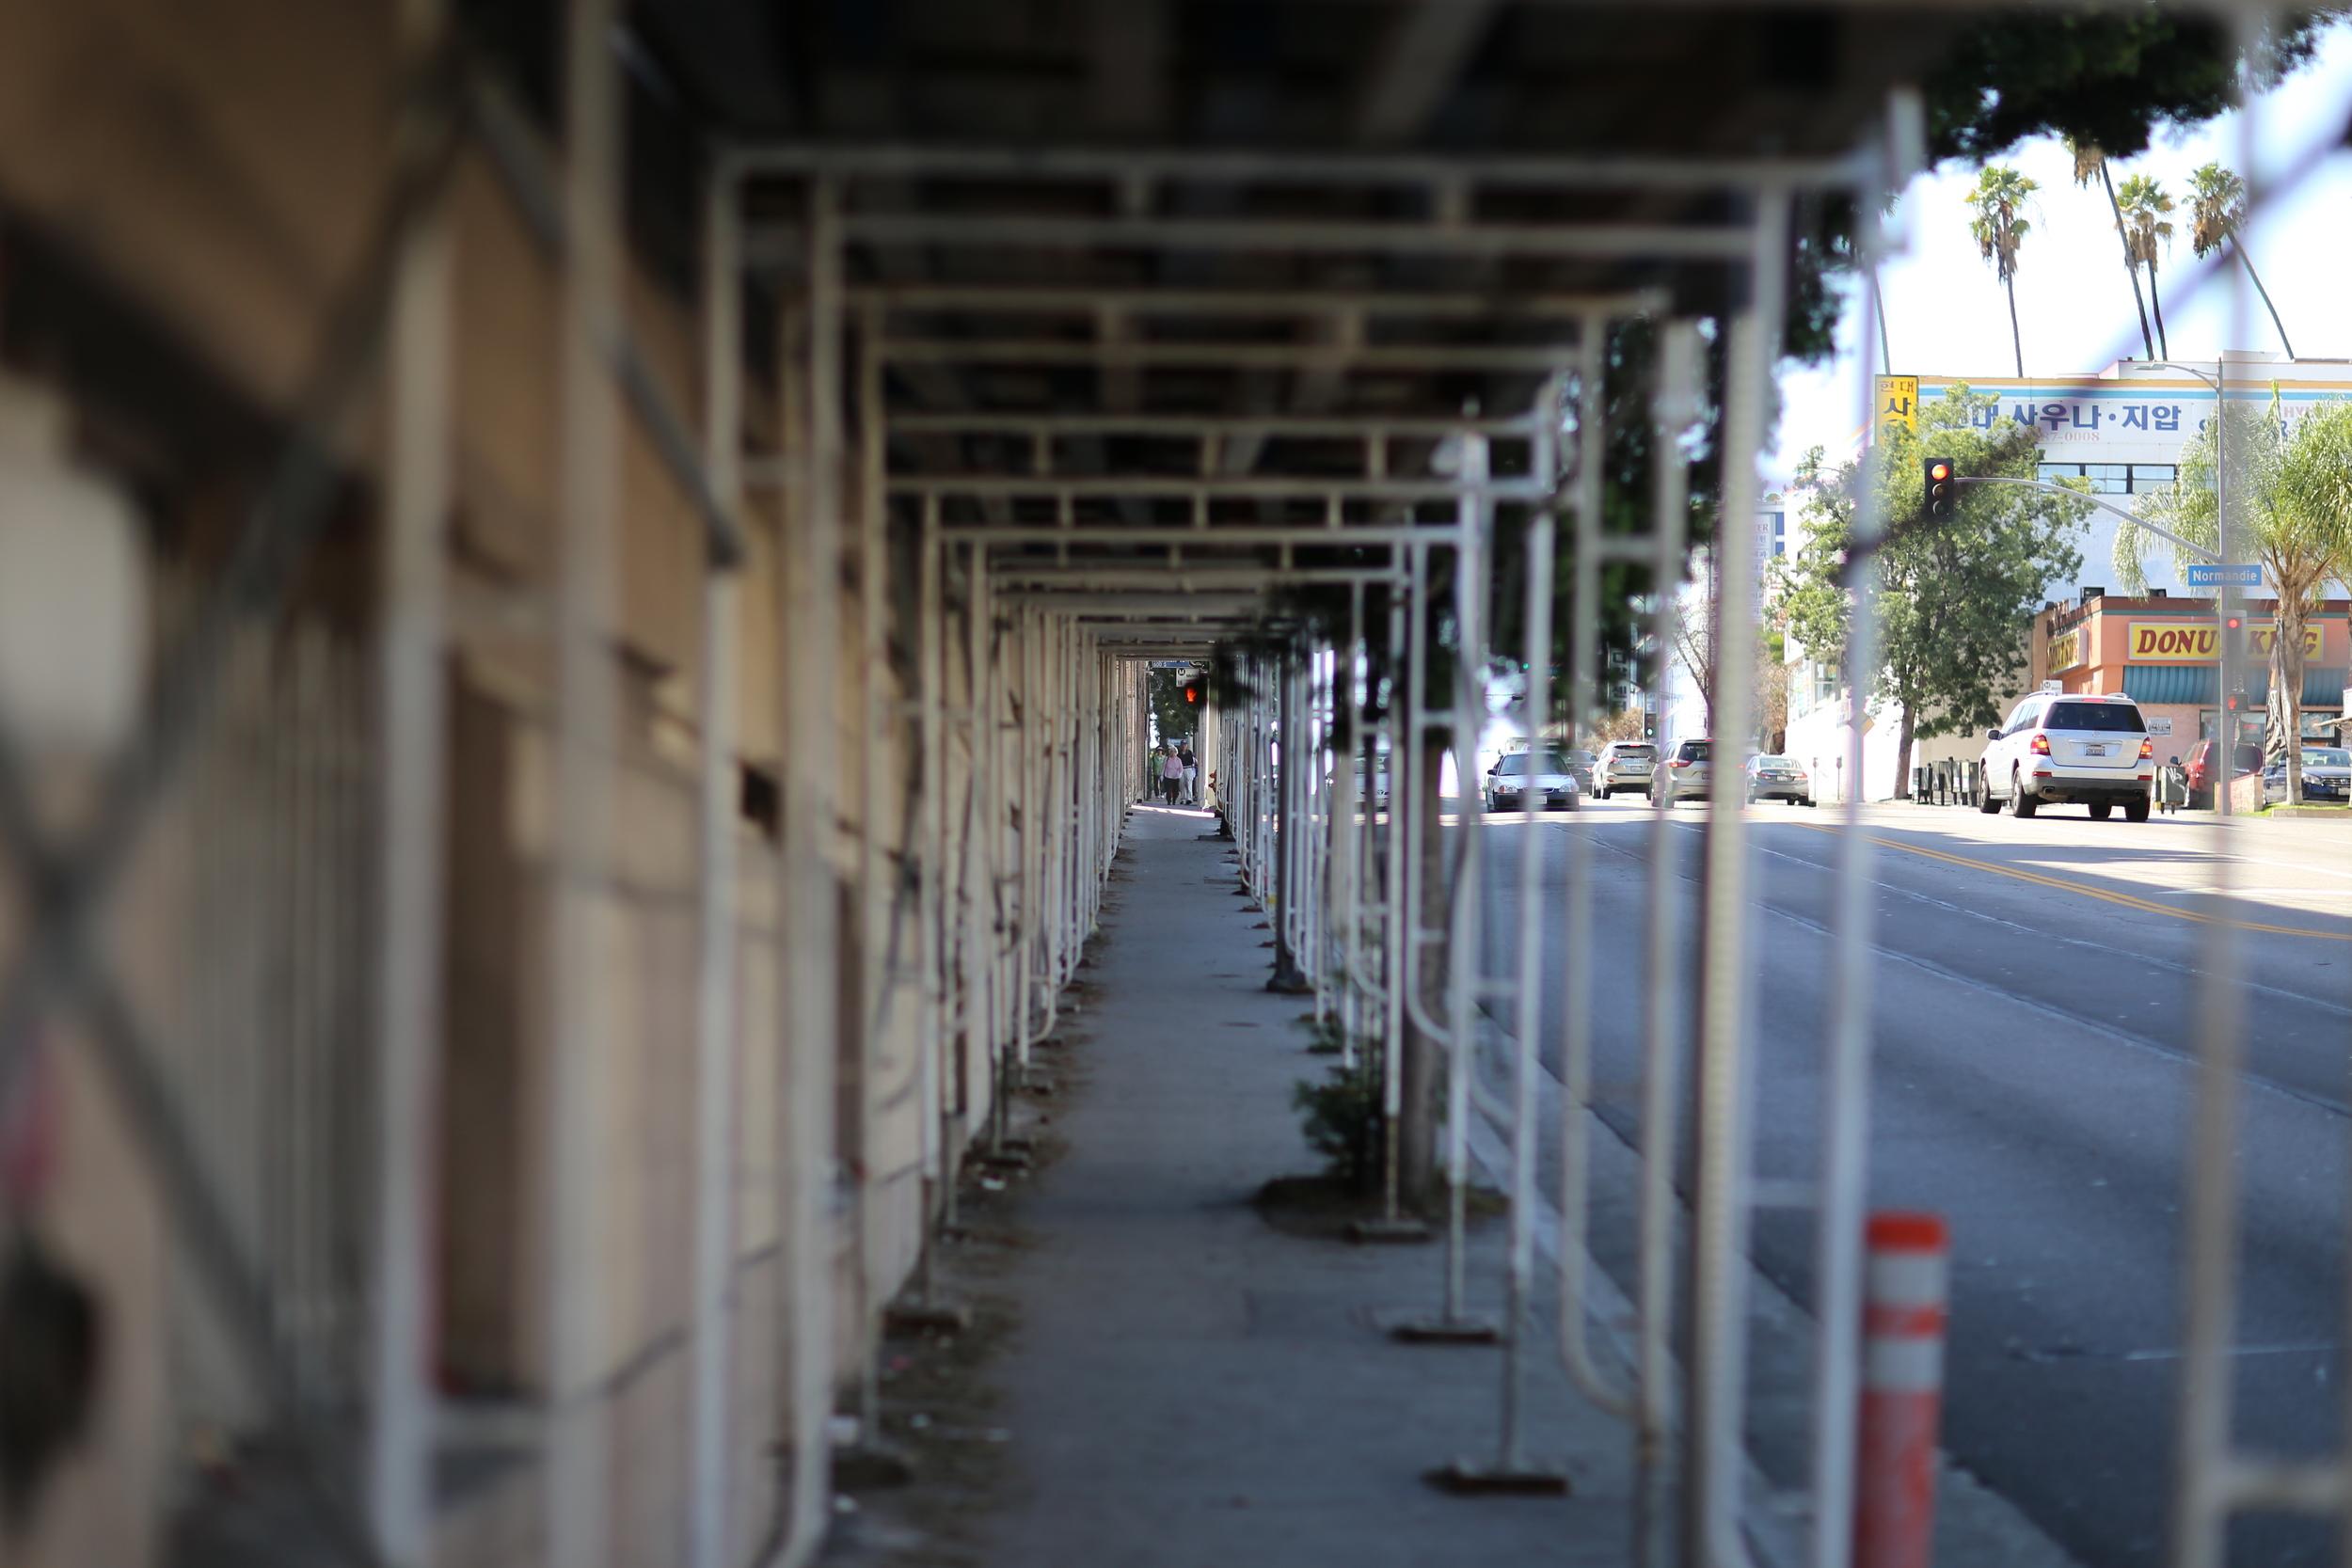 Construction in Koreatown